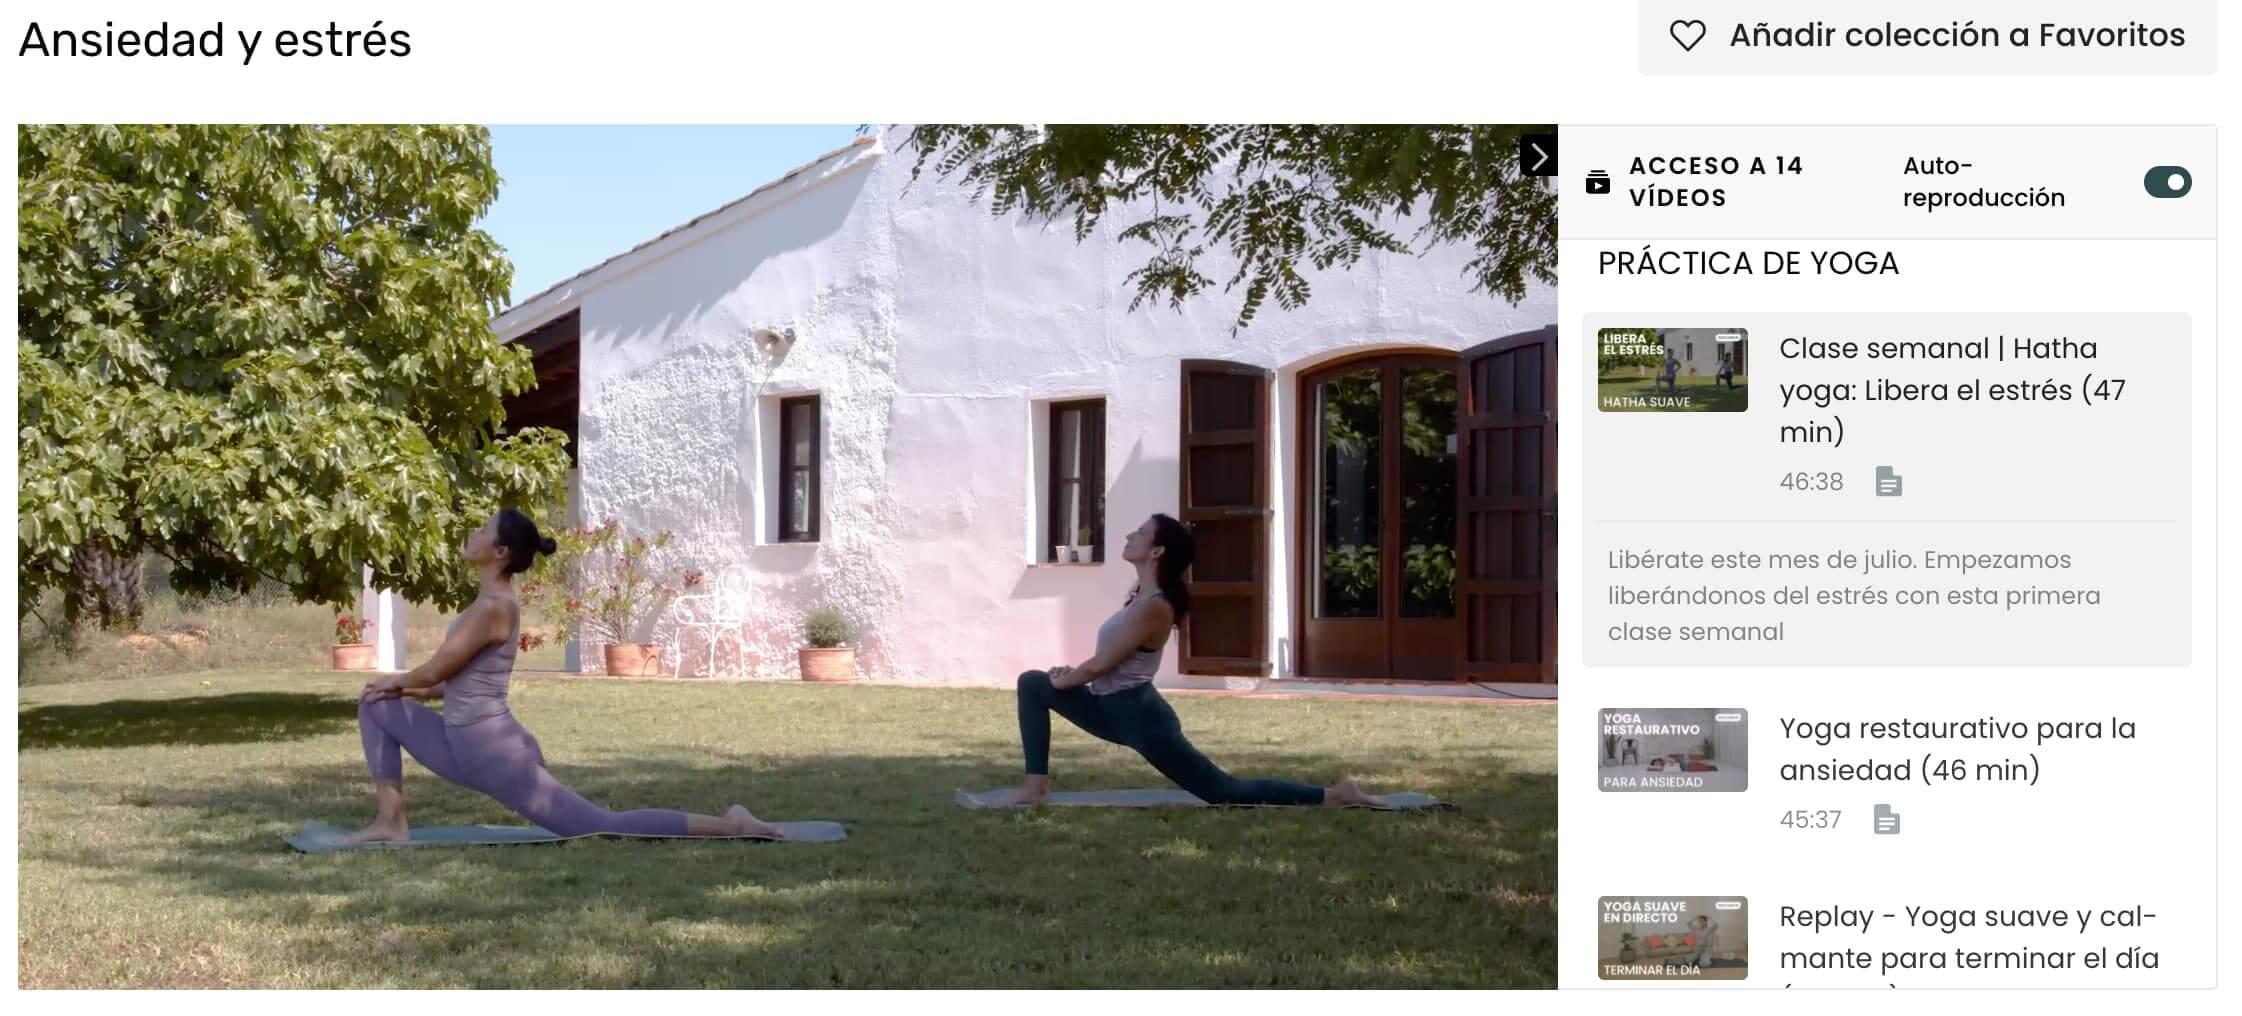 clases de yoga para la ansiedad